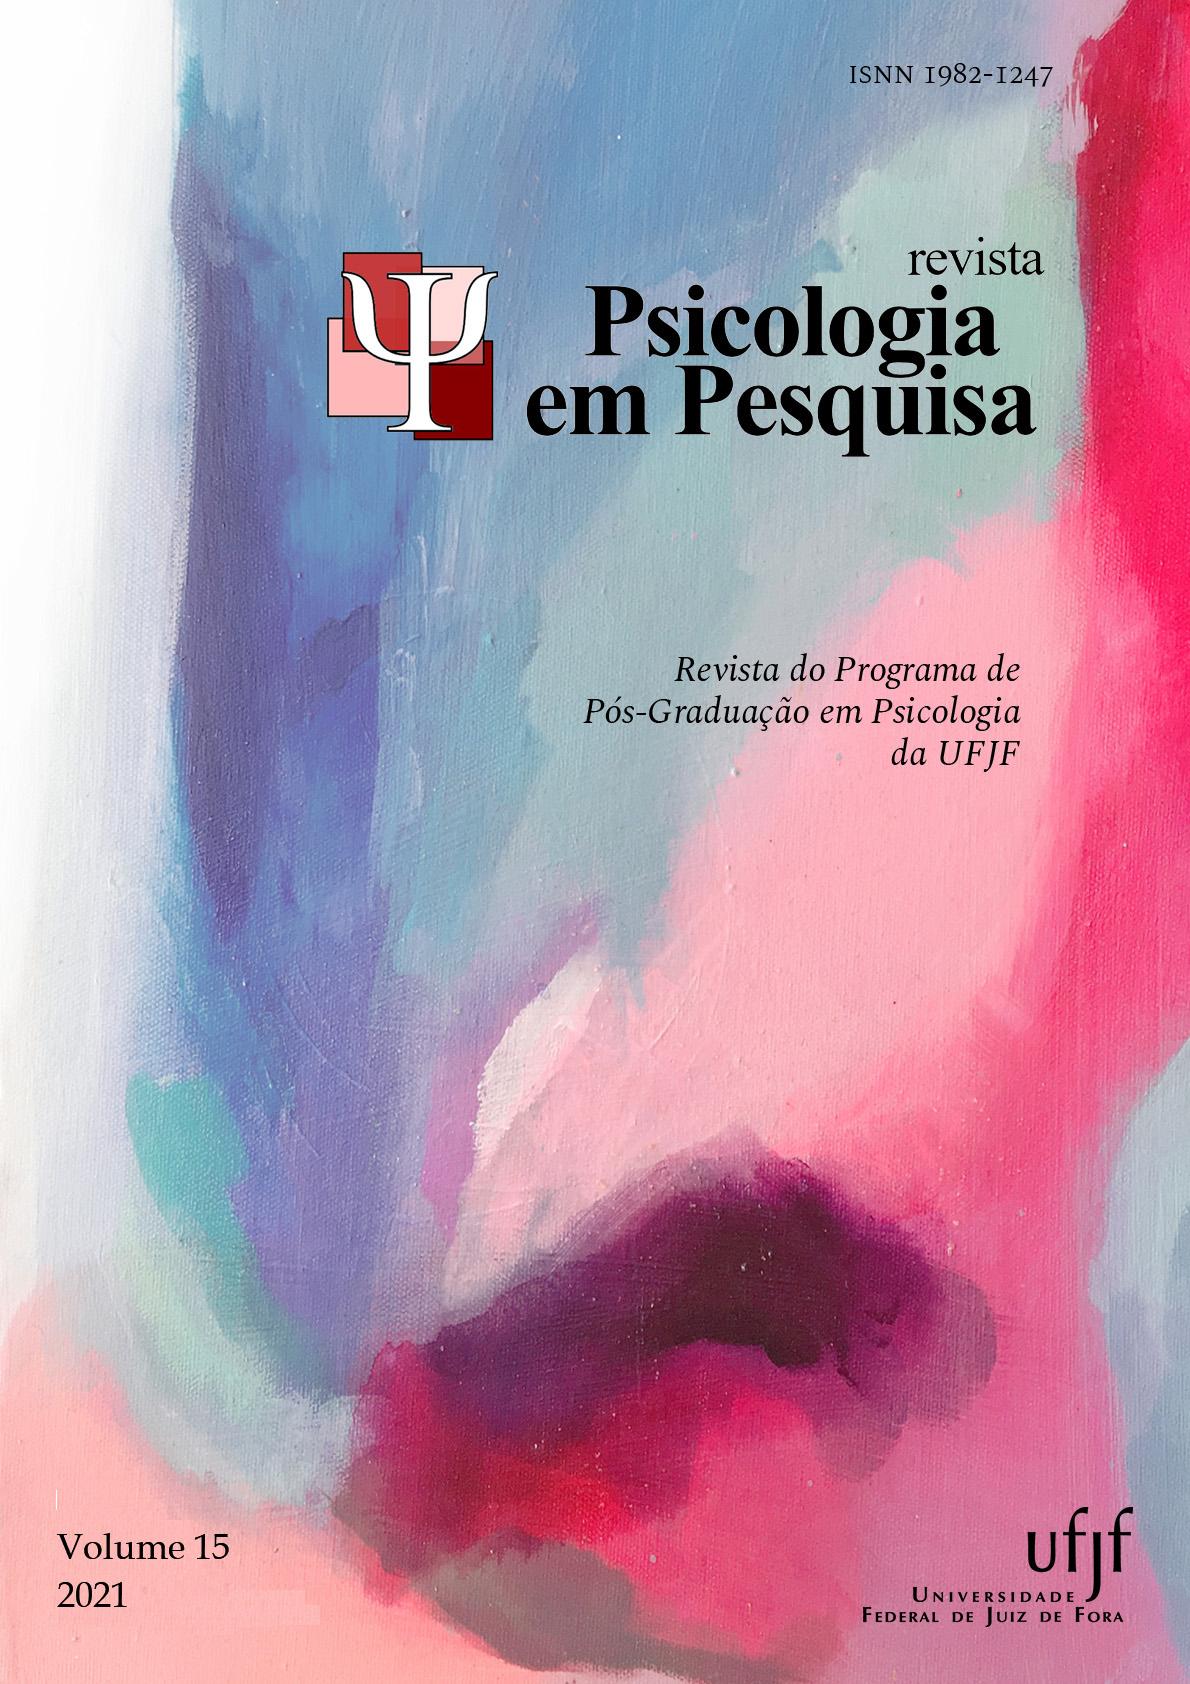 Visualizar v. 15 n. 1 (2021): Revista Psicologia em Pesquisa